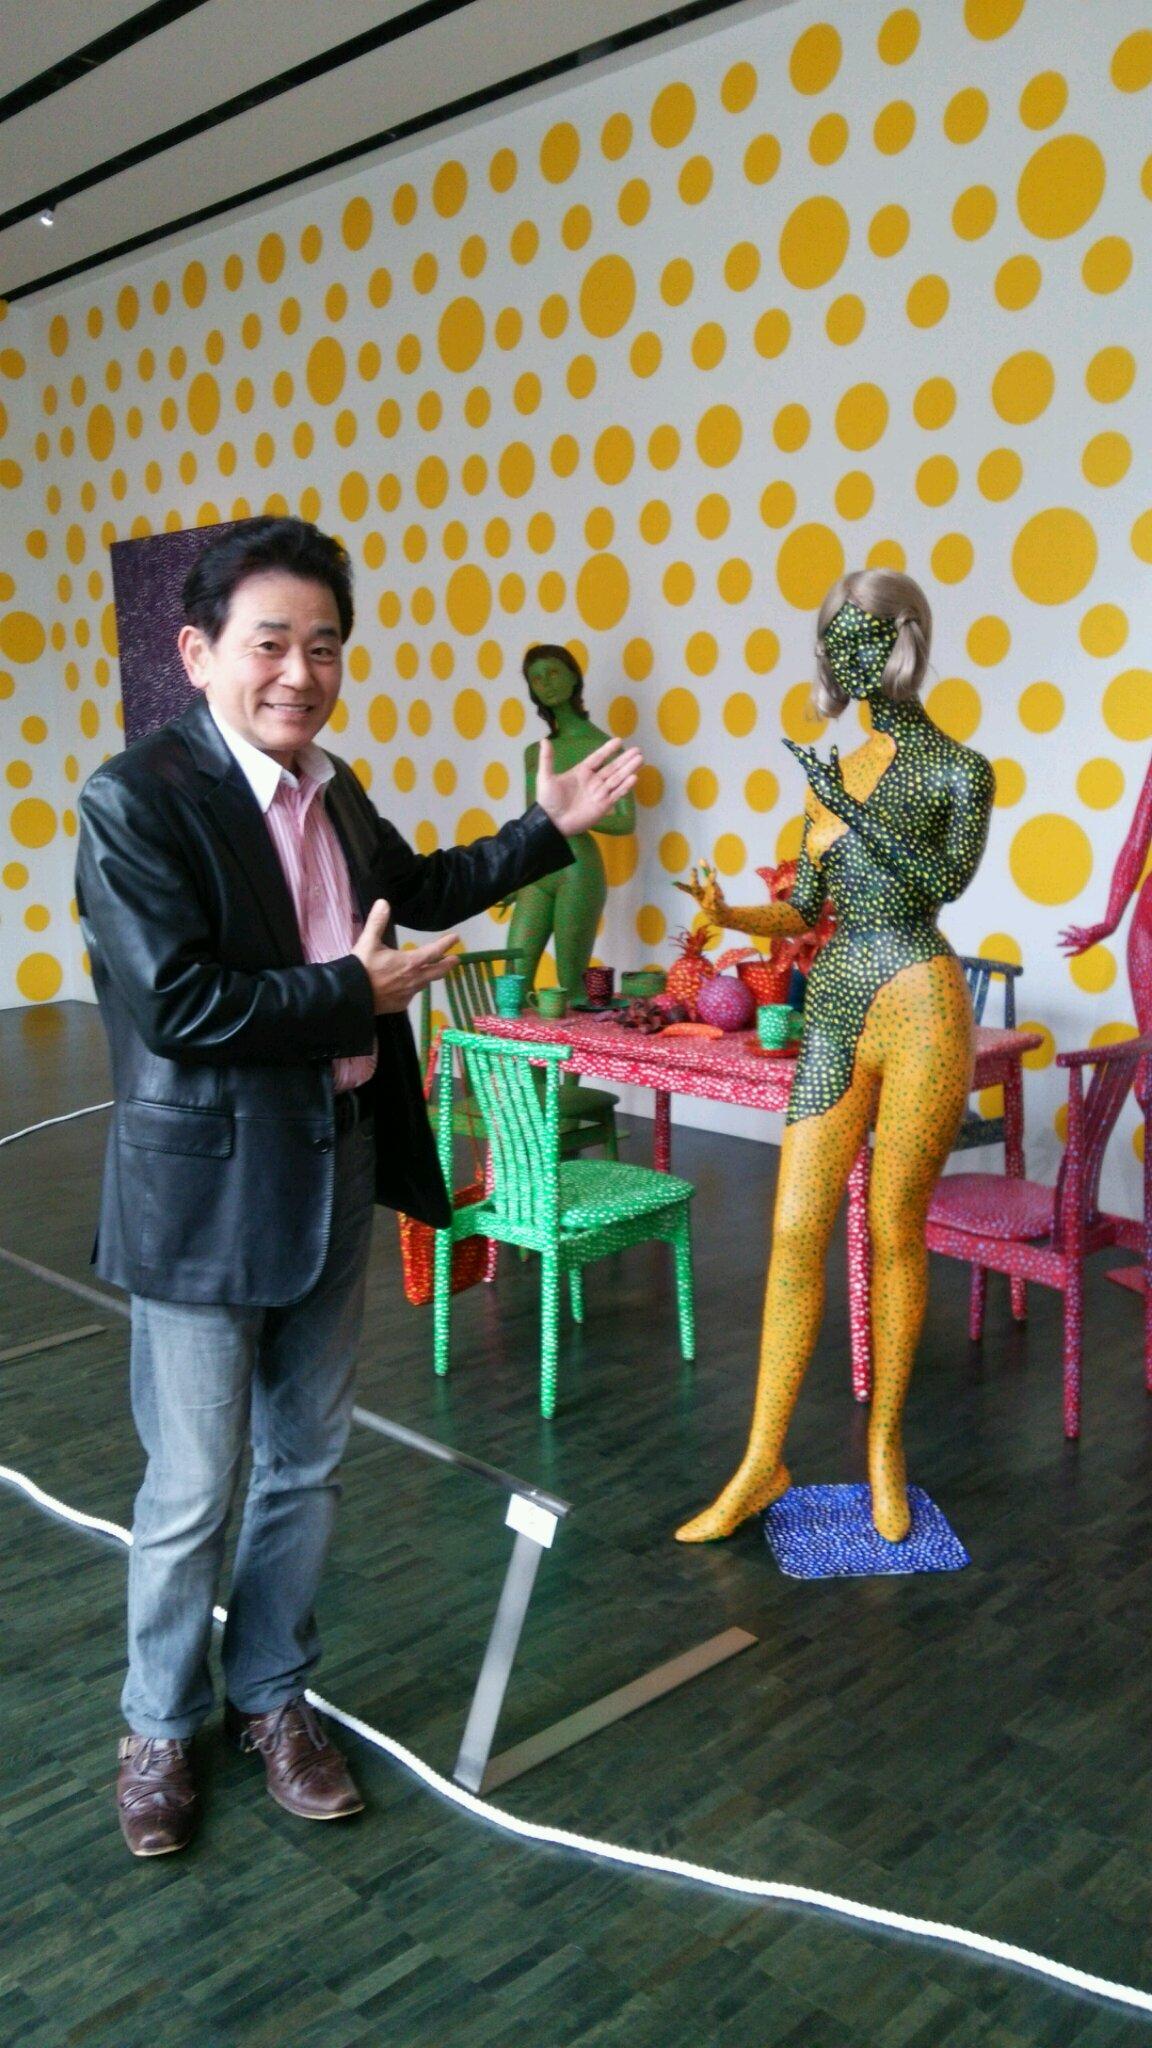 軽井沢ニューアートミュージアムに行きました。_e0119092_1136765.jpg